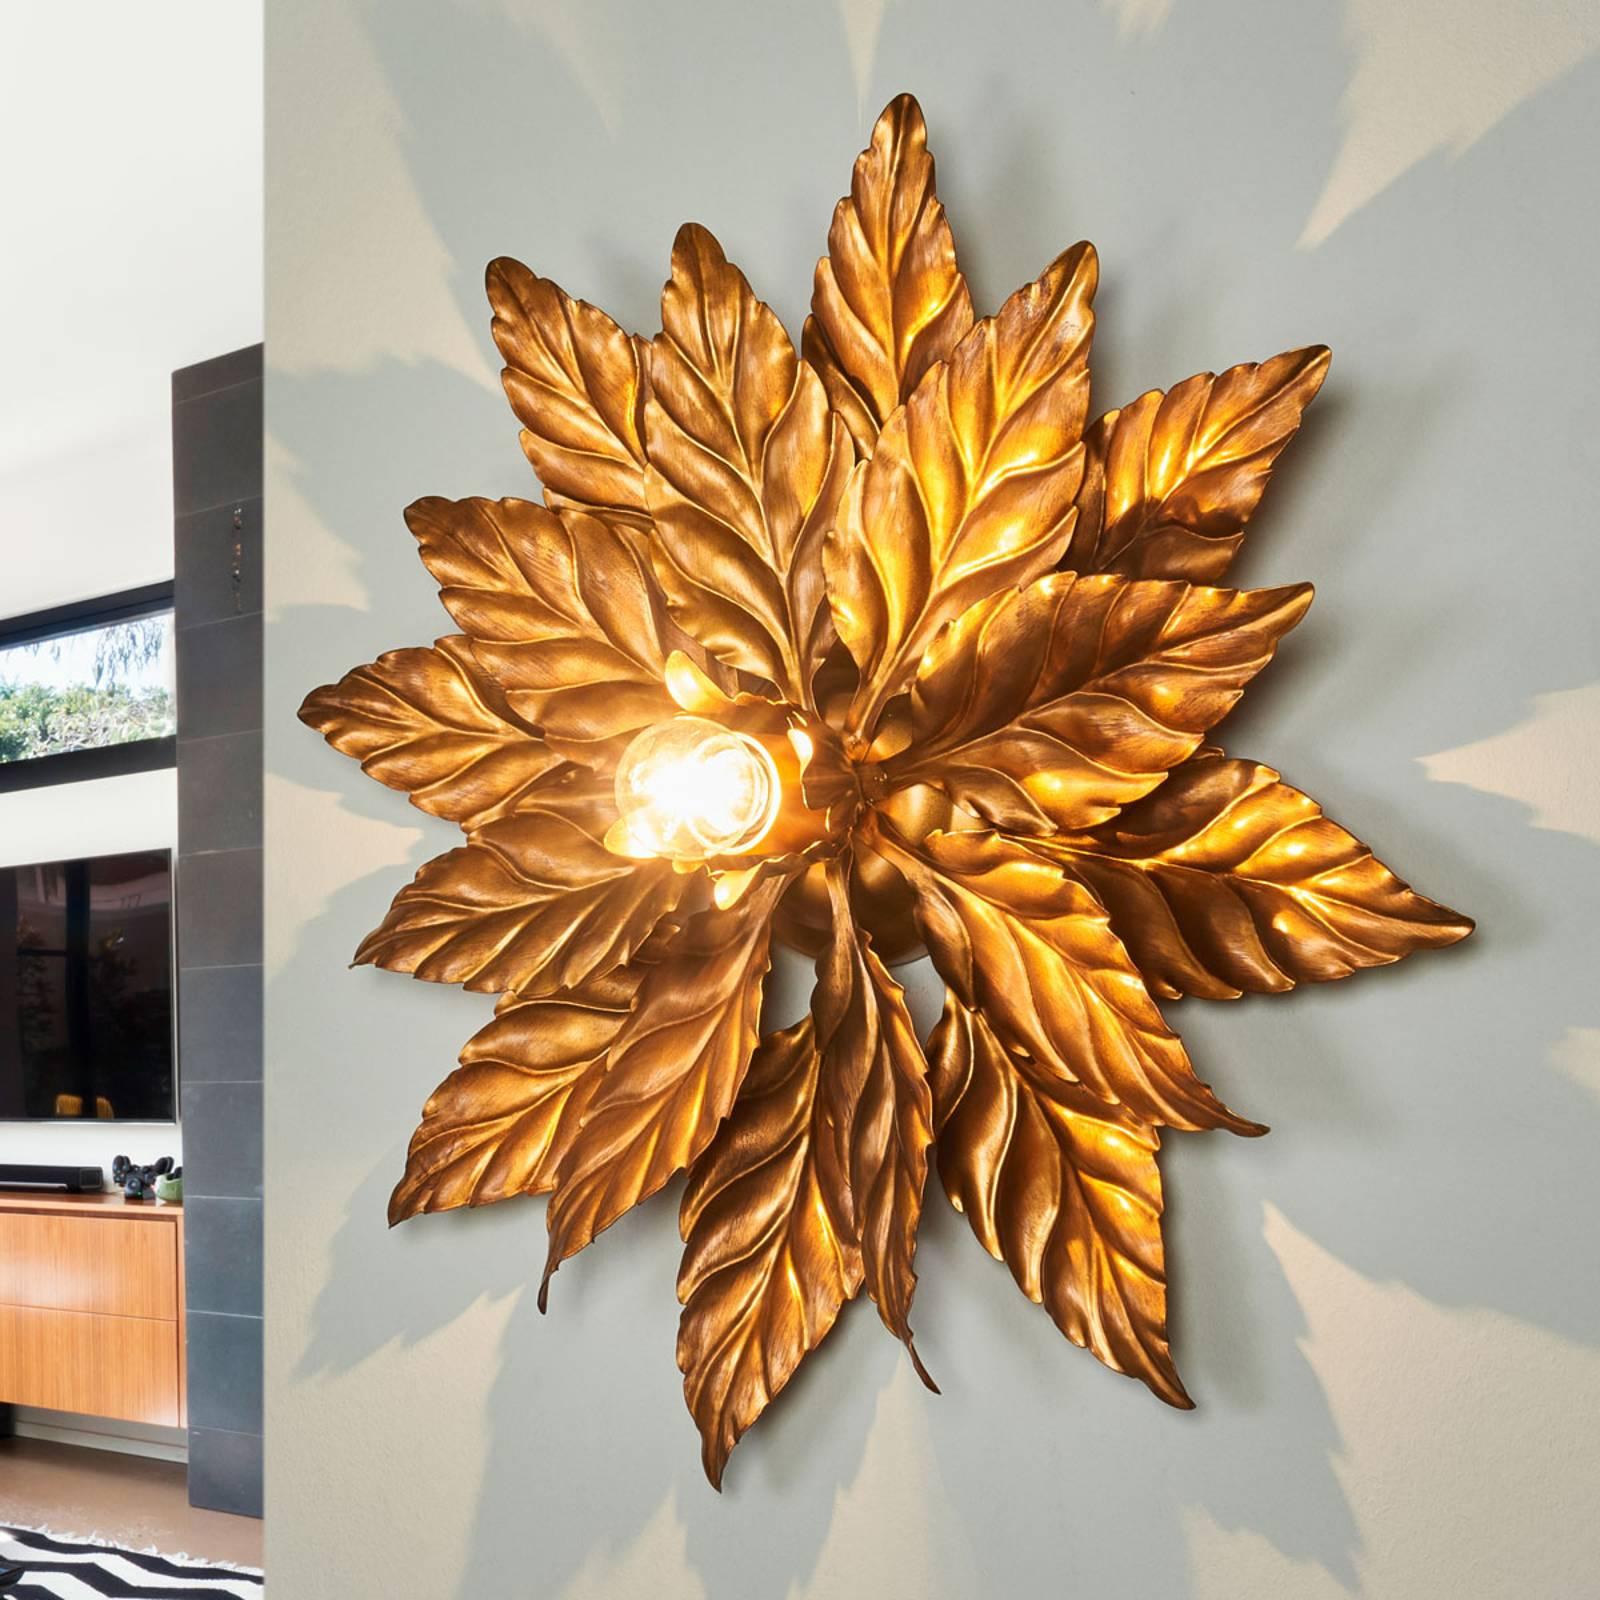 Wandlamp antiek met gouden bladeren 40 cm